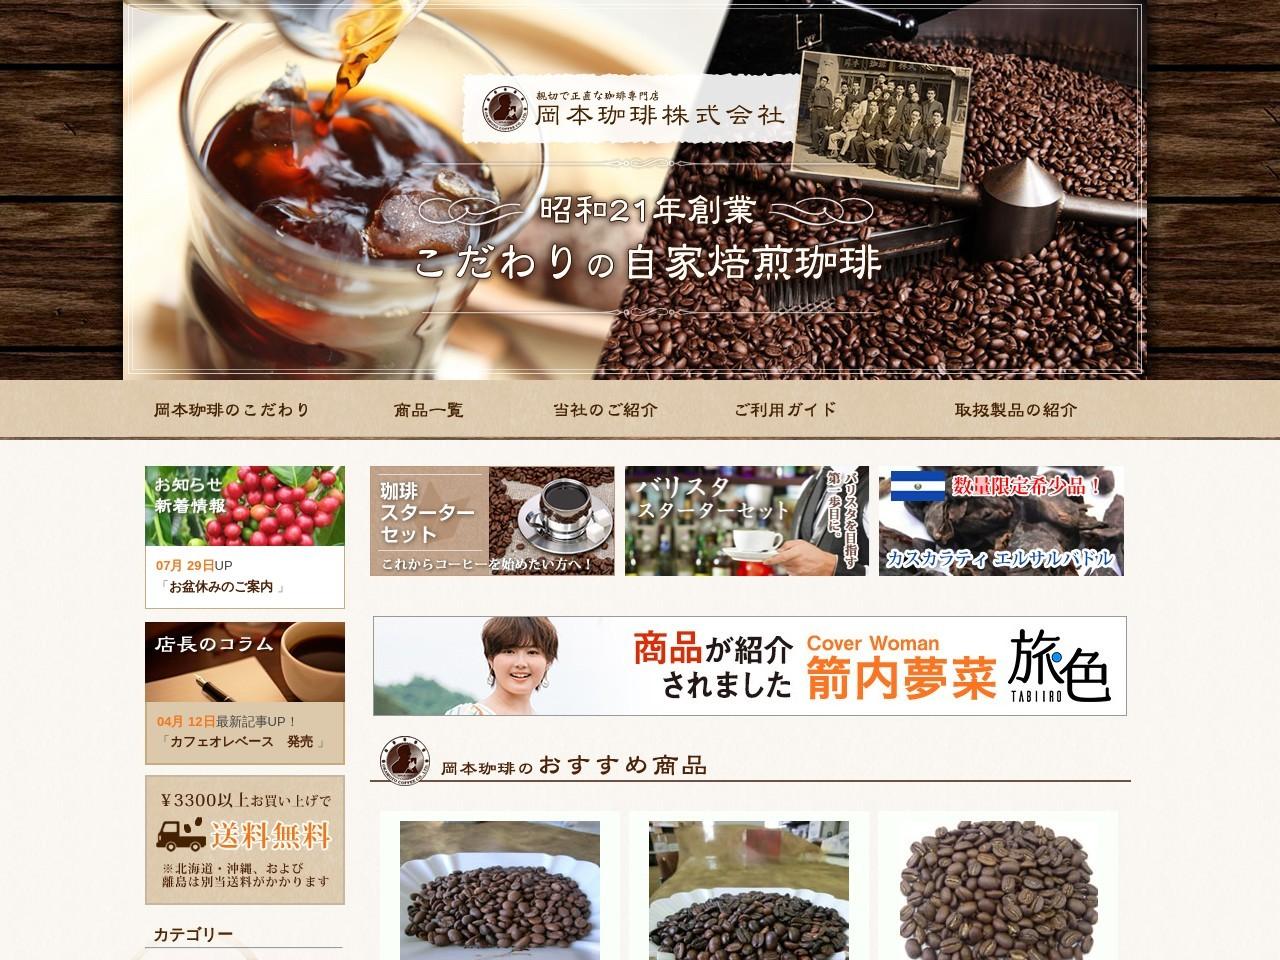 大阪の老舗 おいしい焙煎コーヒー販売専門店 岡本珈琲株式会社